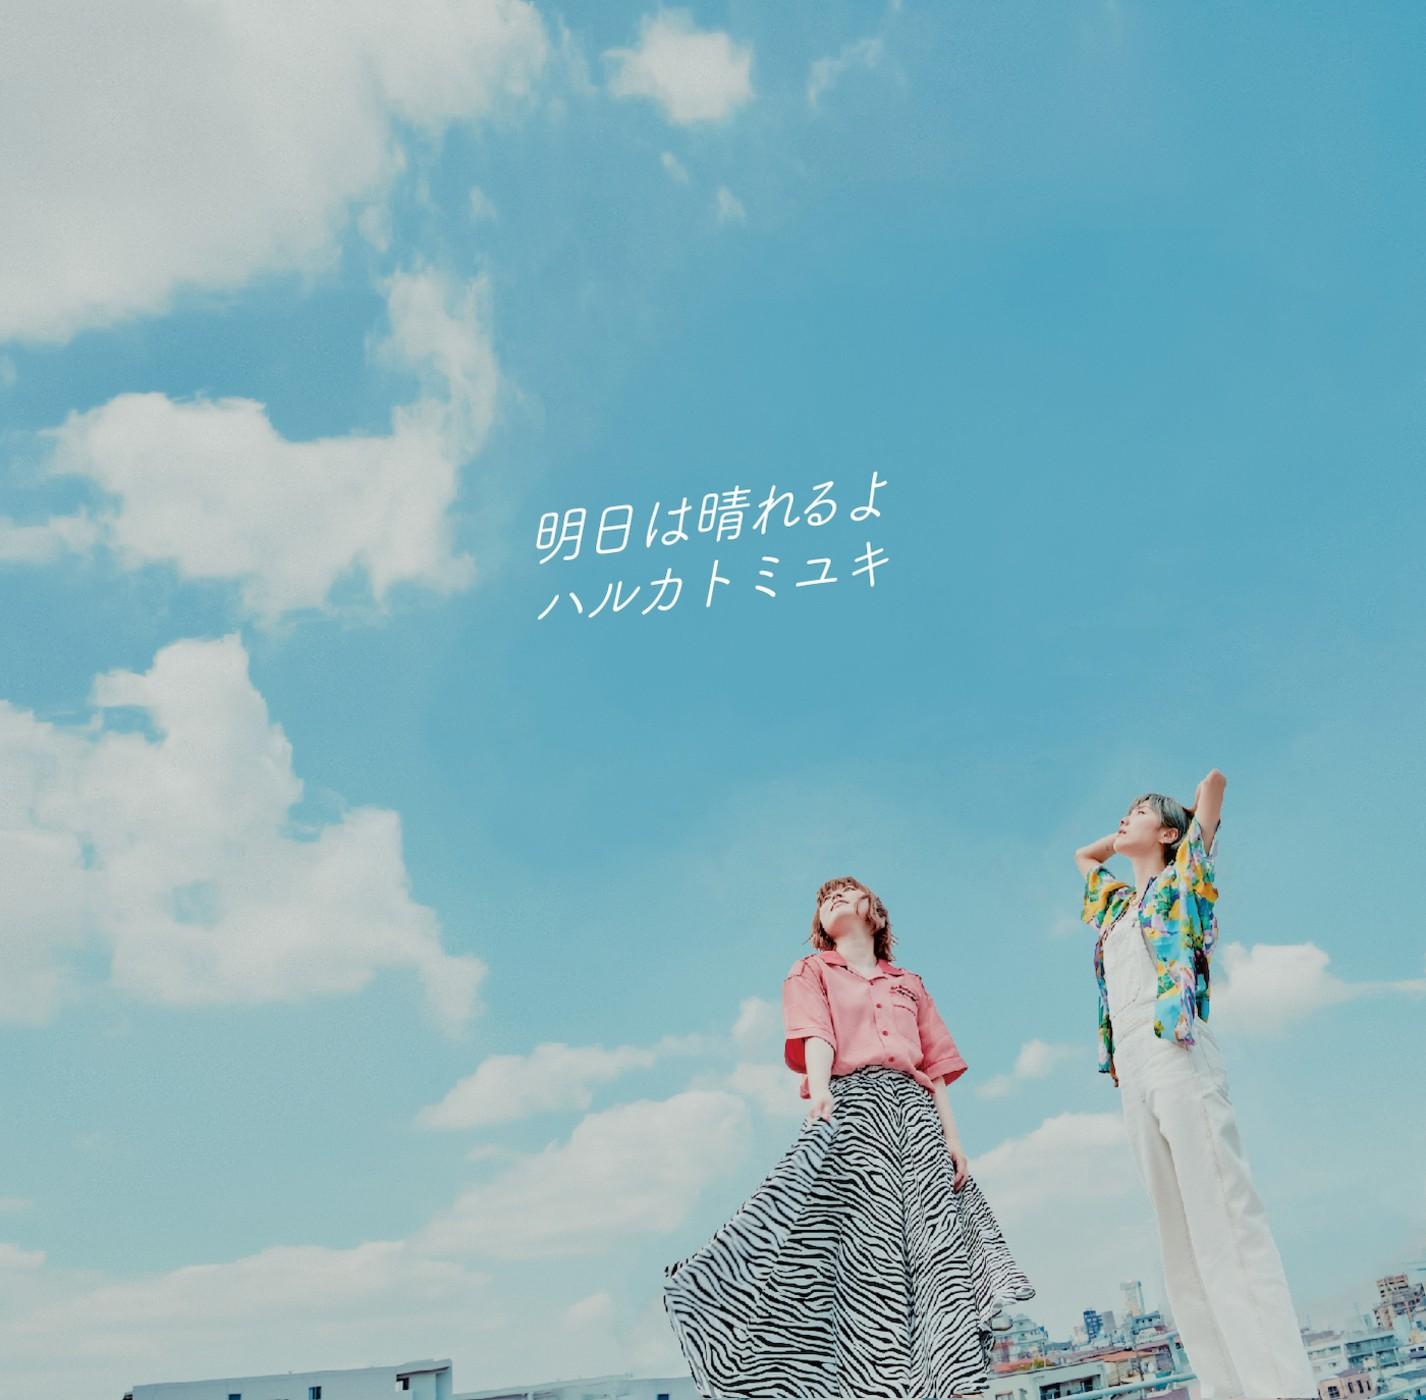 Haruka to Miyuki - Ashita wa hareru yo